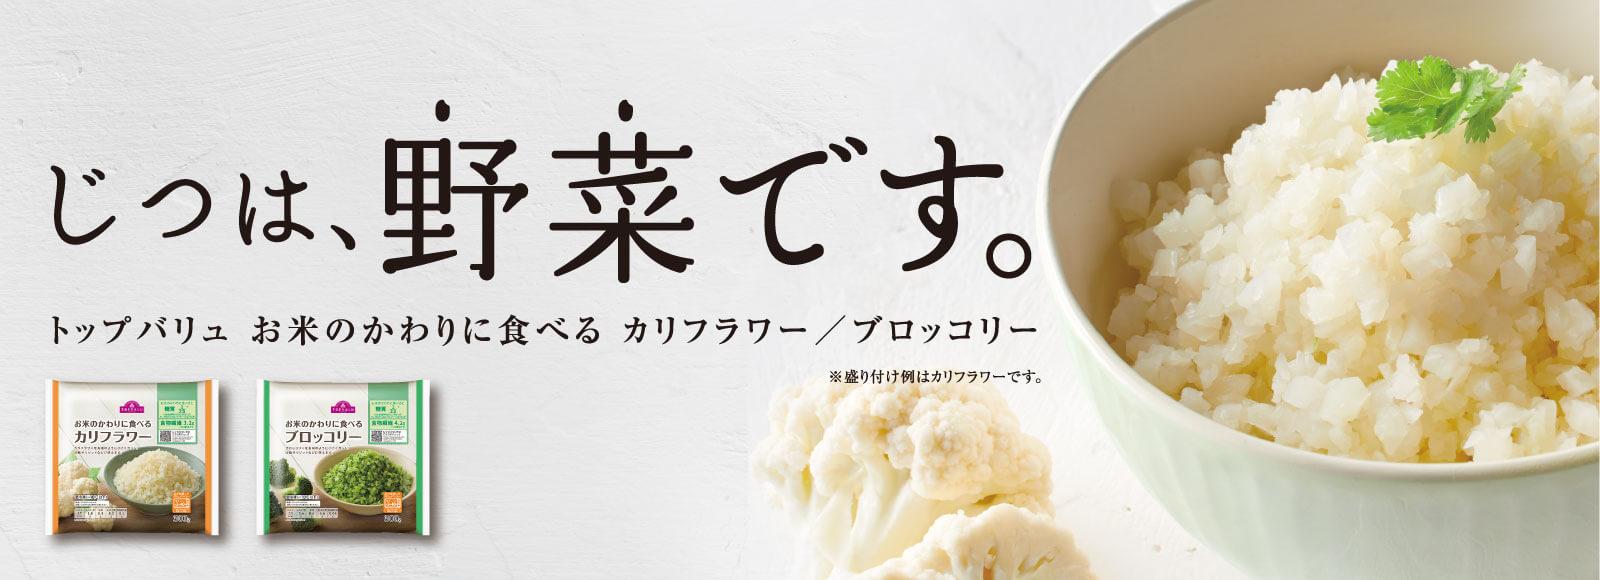 じつは、野菜です。トップバリュ お米のかわりに食べる カリフラワー/ブロッコリー